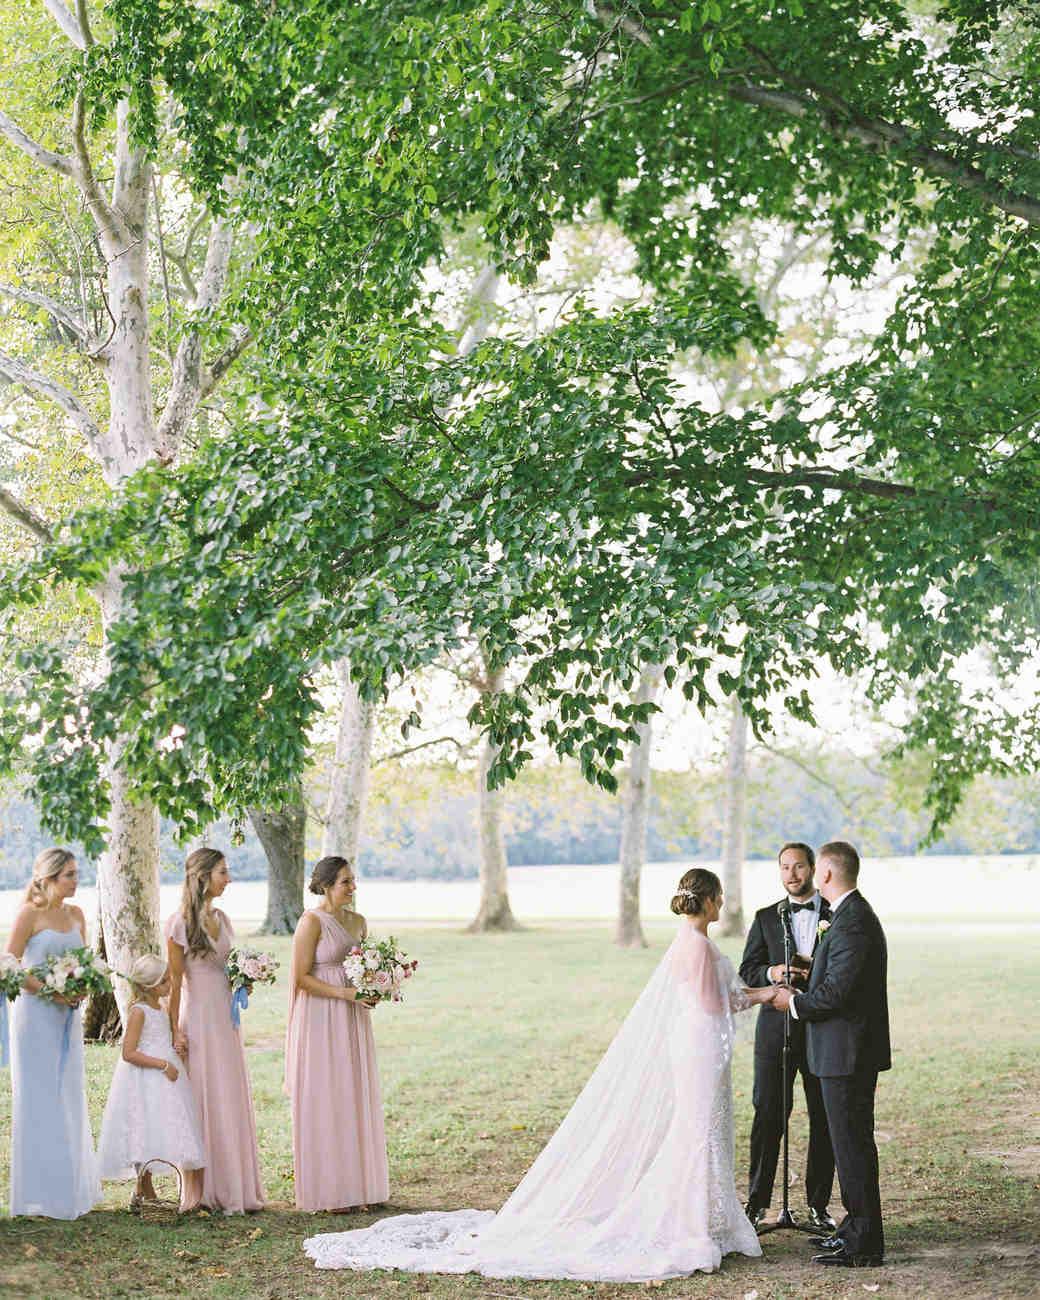 outdoor wedding ceremony bride groom bridesmaids